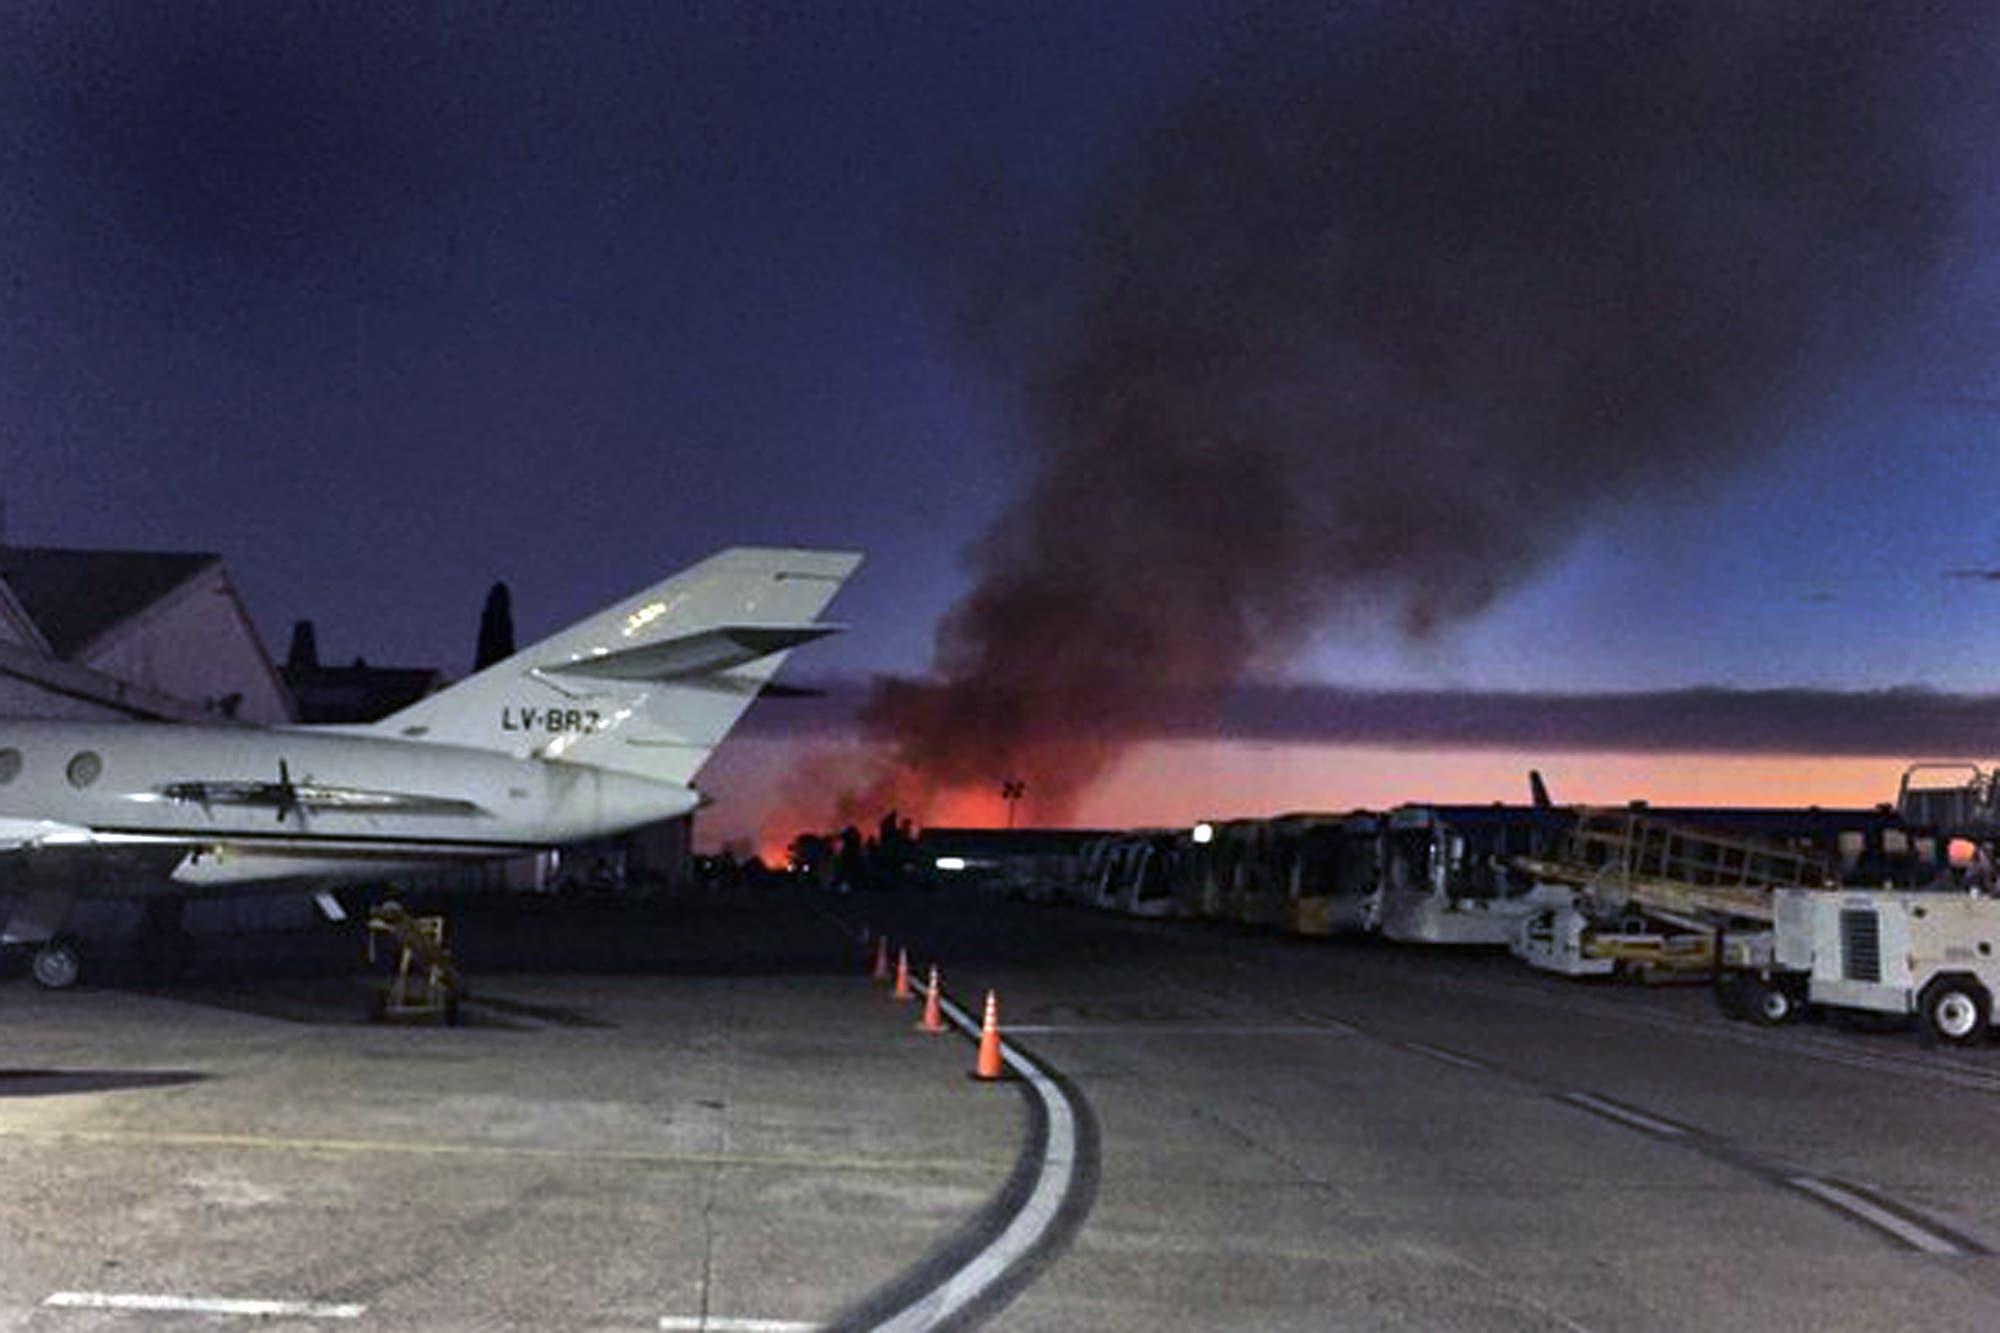 El Palomar: se quemaron unos pastizales cerca de una cabecera del aeropuerto